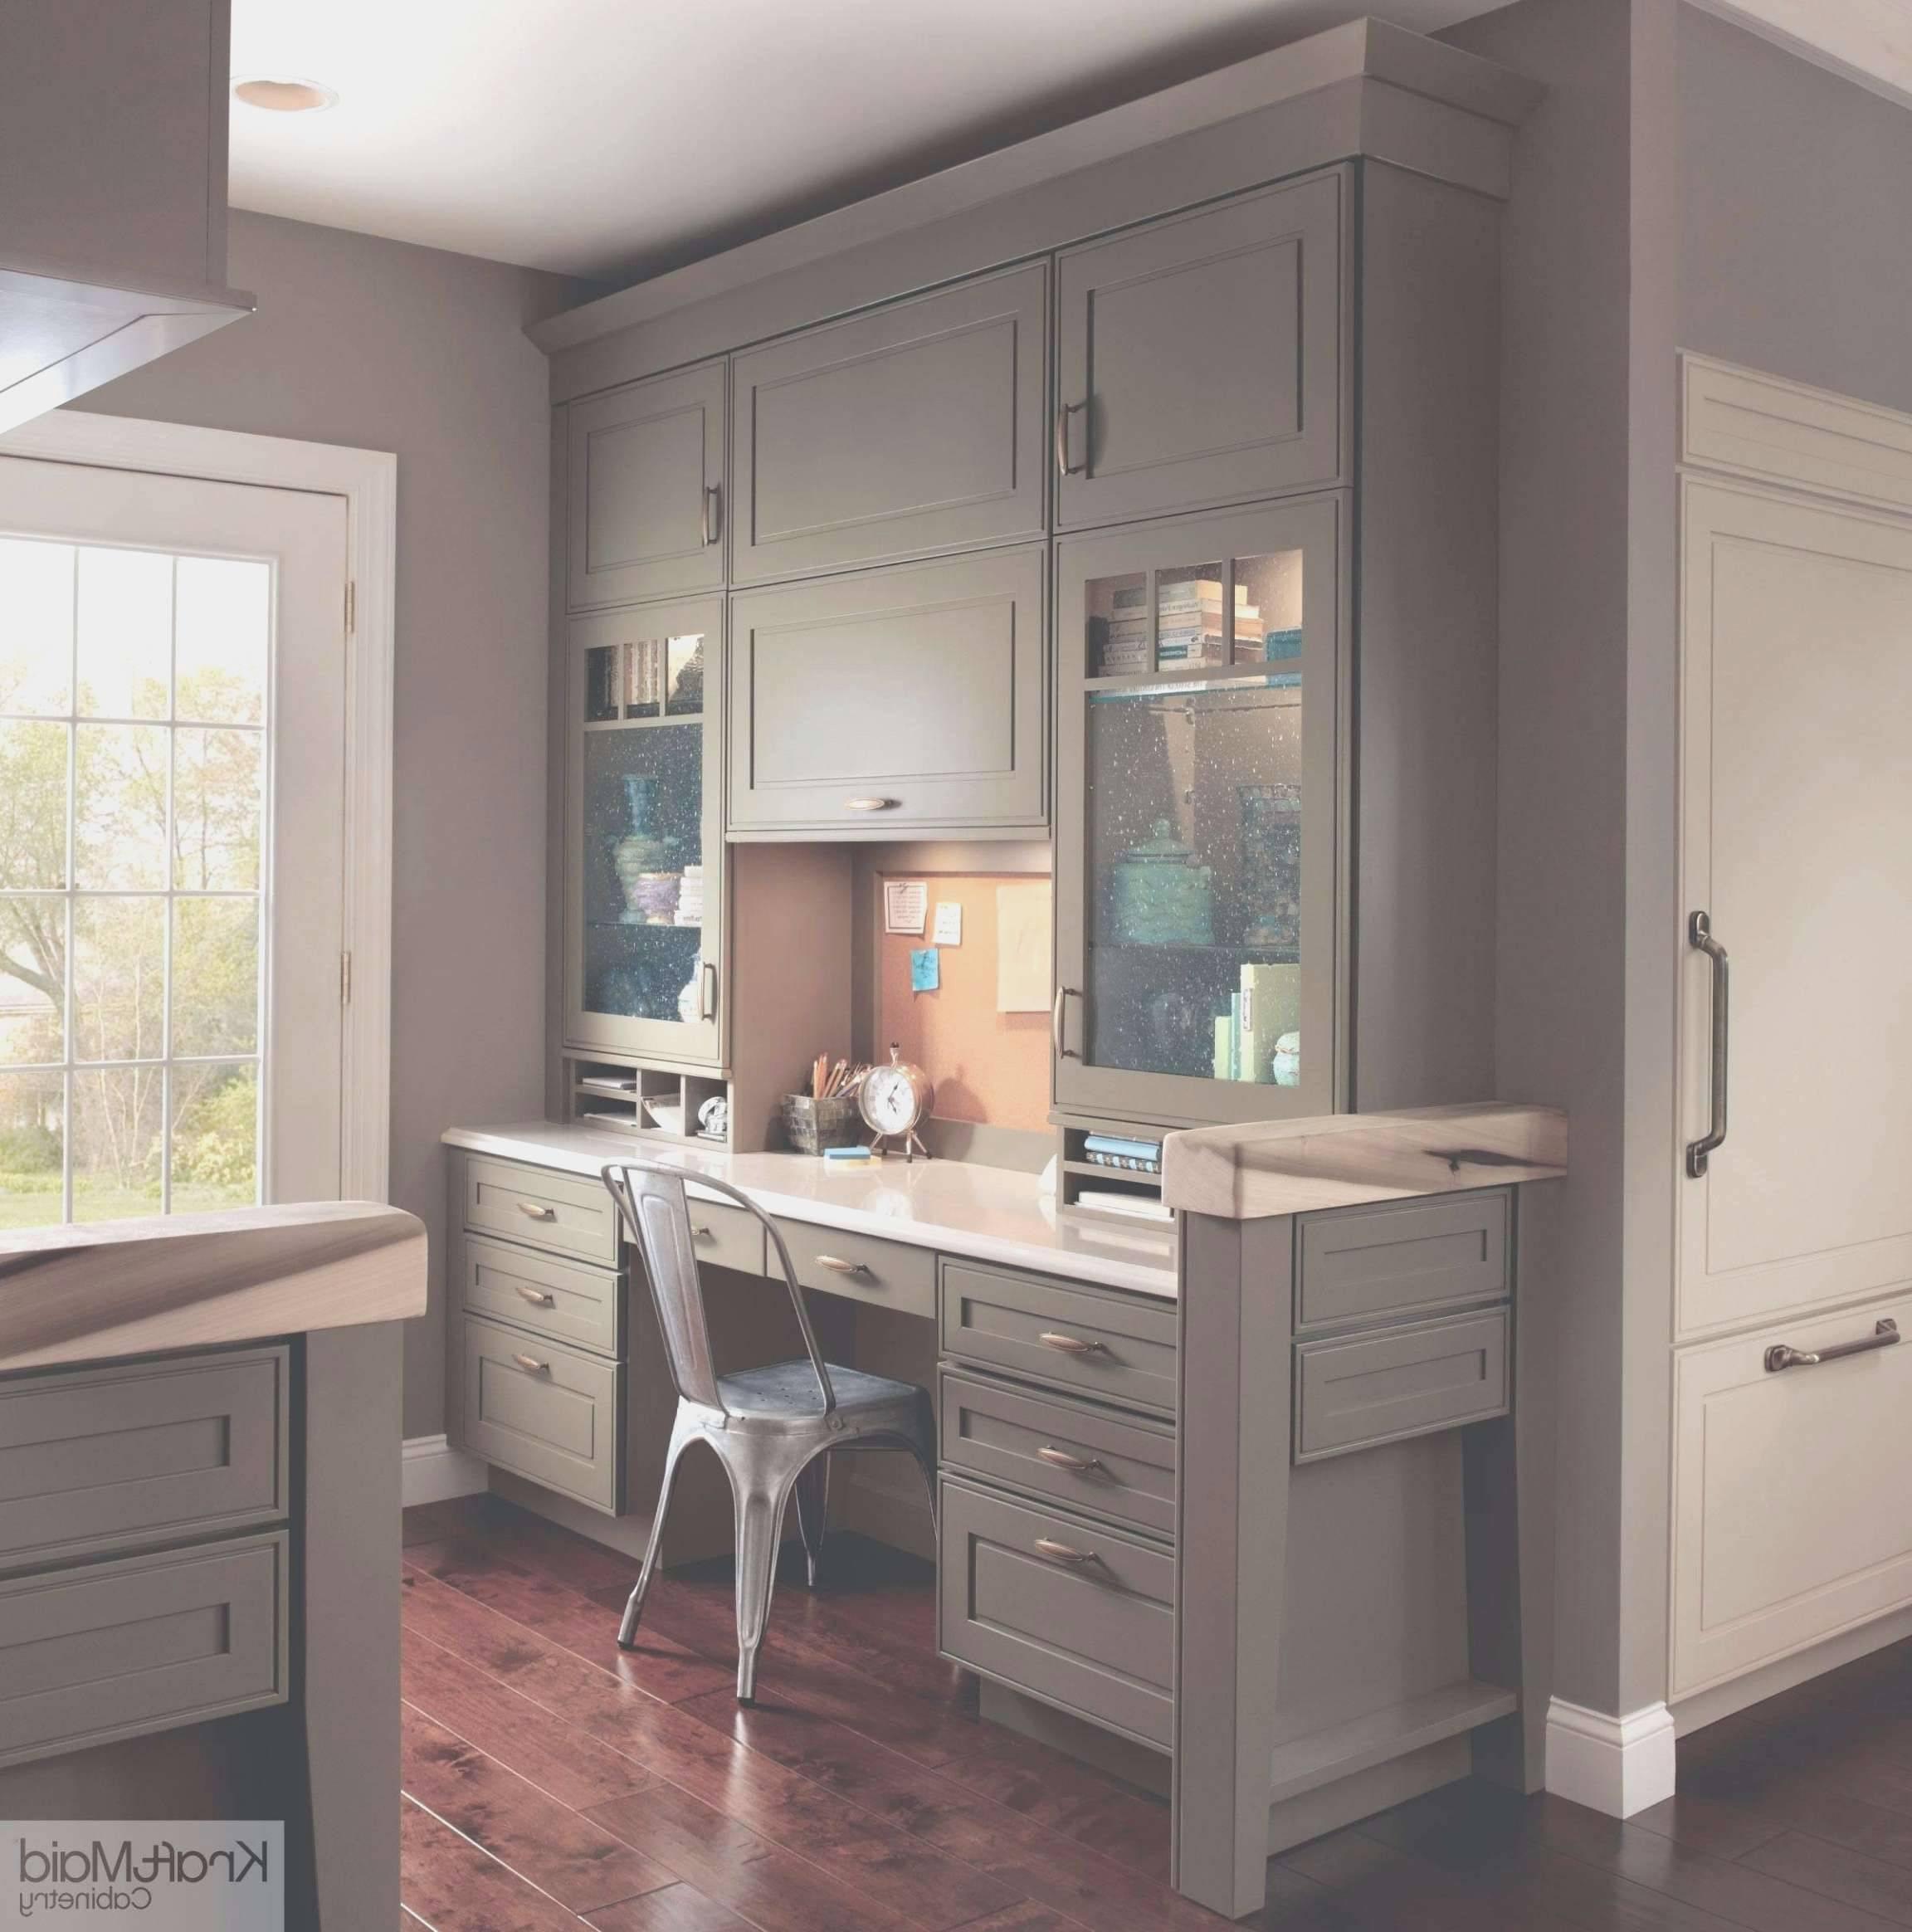 kitchen cabinets door ideas best of trends kitchen cupboard pantry cabinet image of kitchen cabinets door ideas